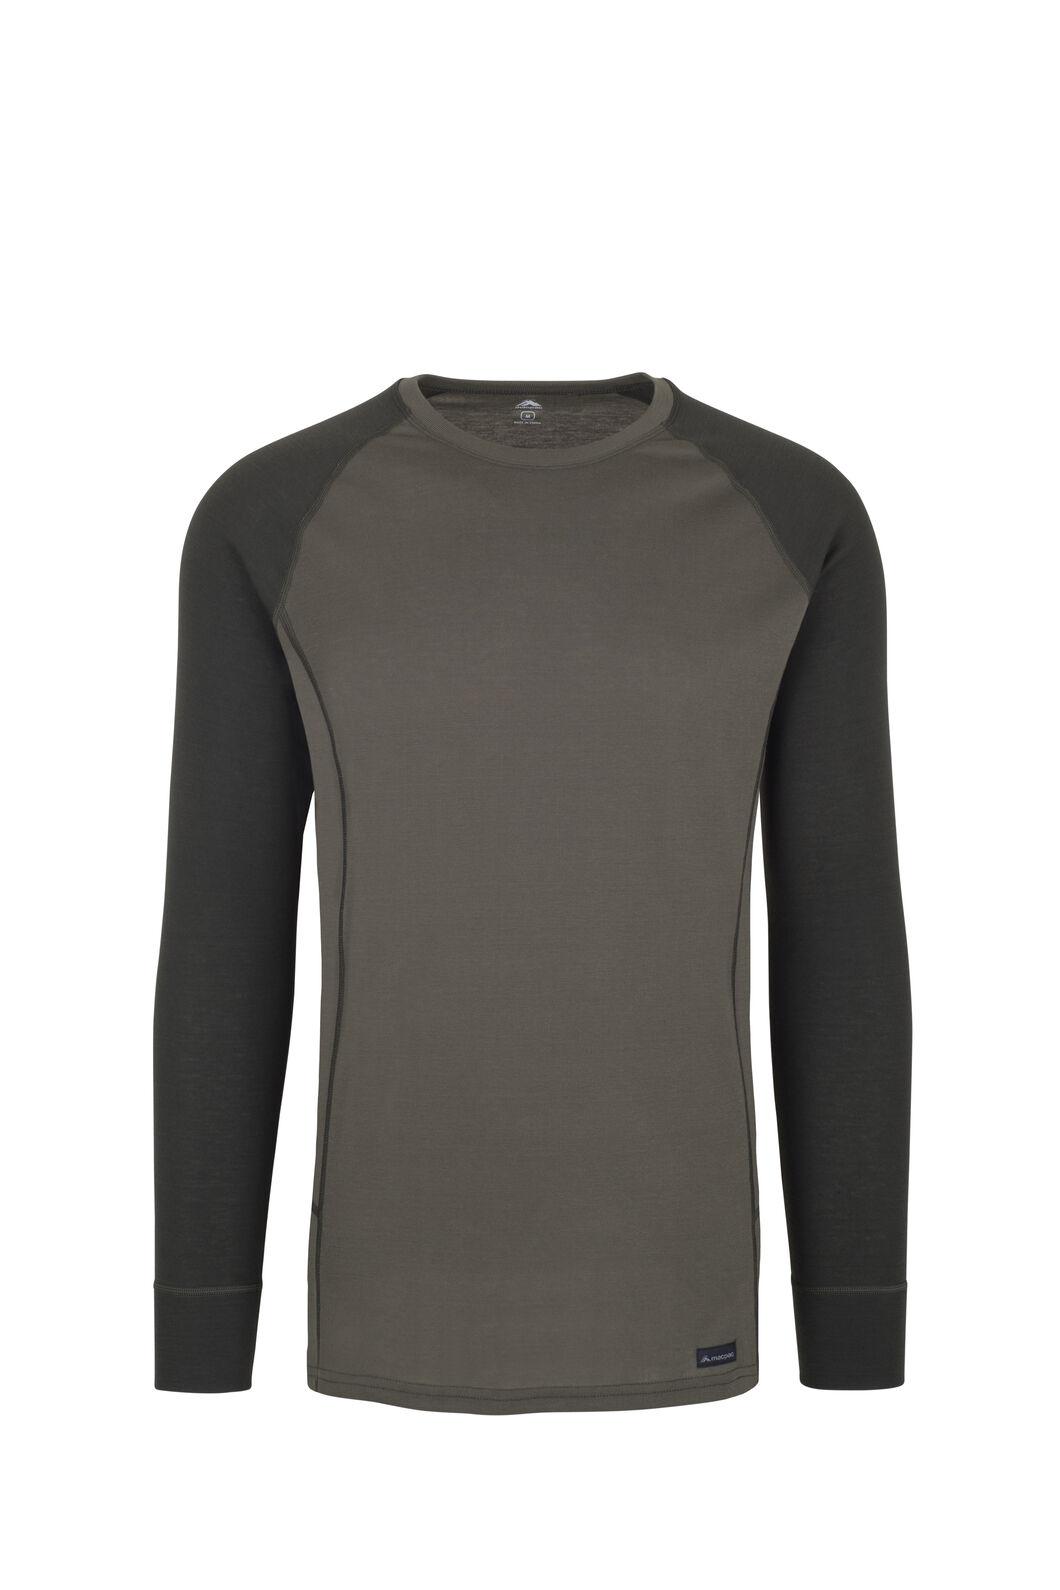 Macpac Geothermal Long Sleeve Top — Men's, Grape Leaf/Peat, hi-res